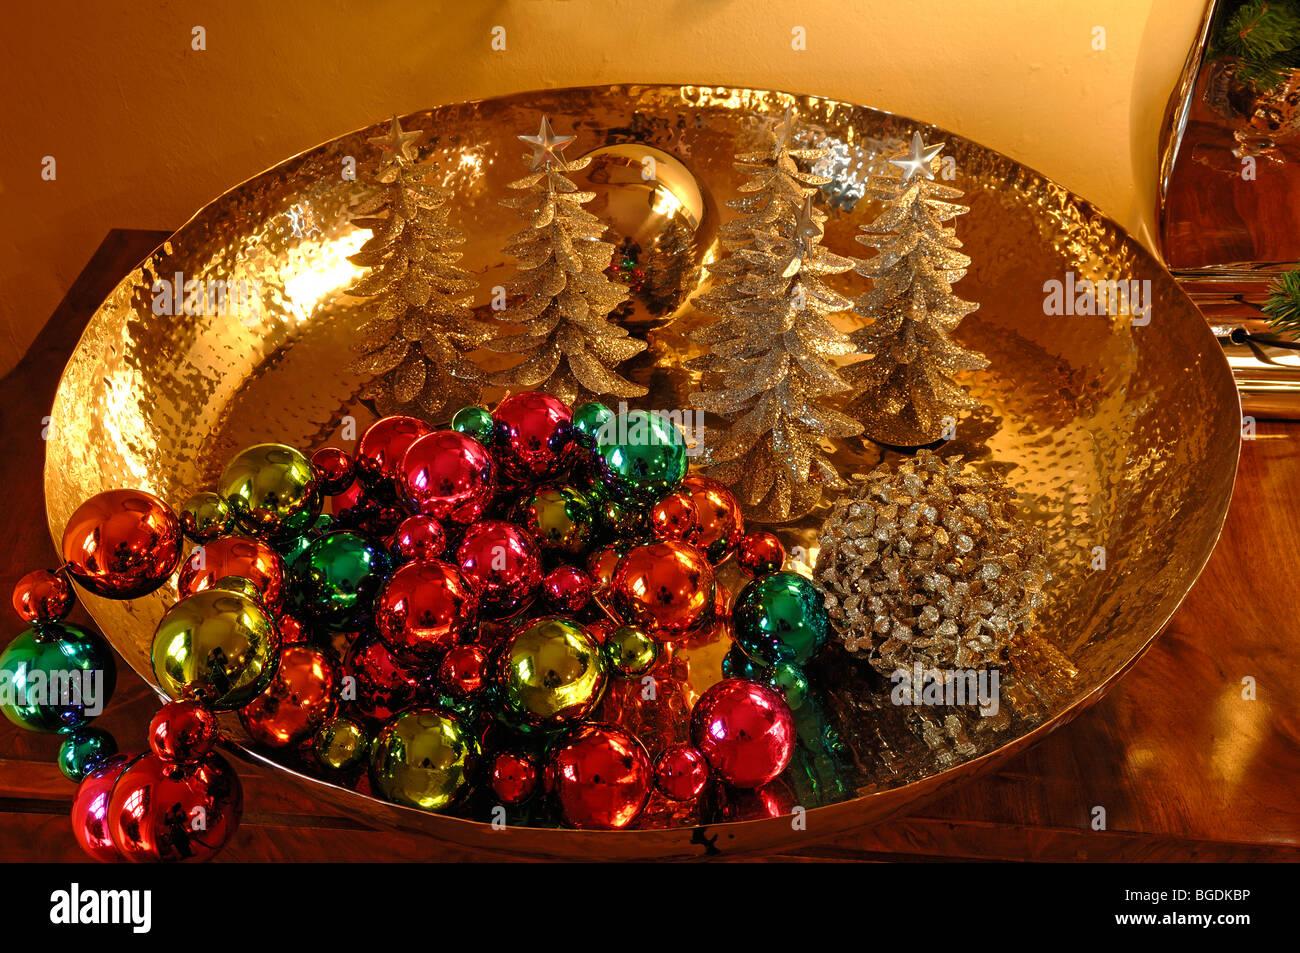 Colorful Christmas Balls And Small